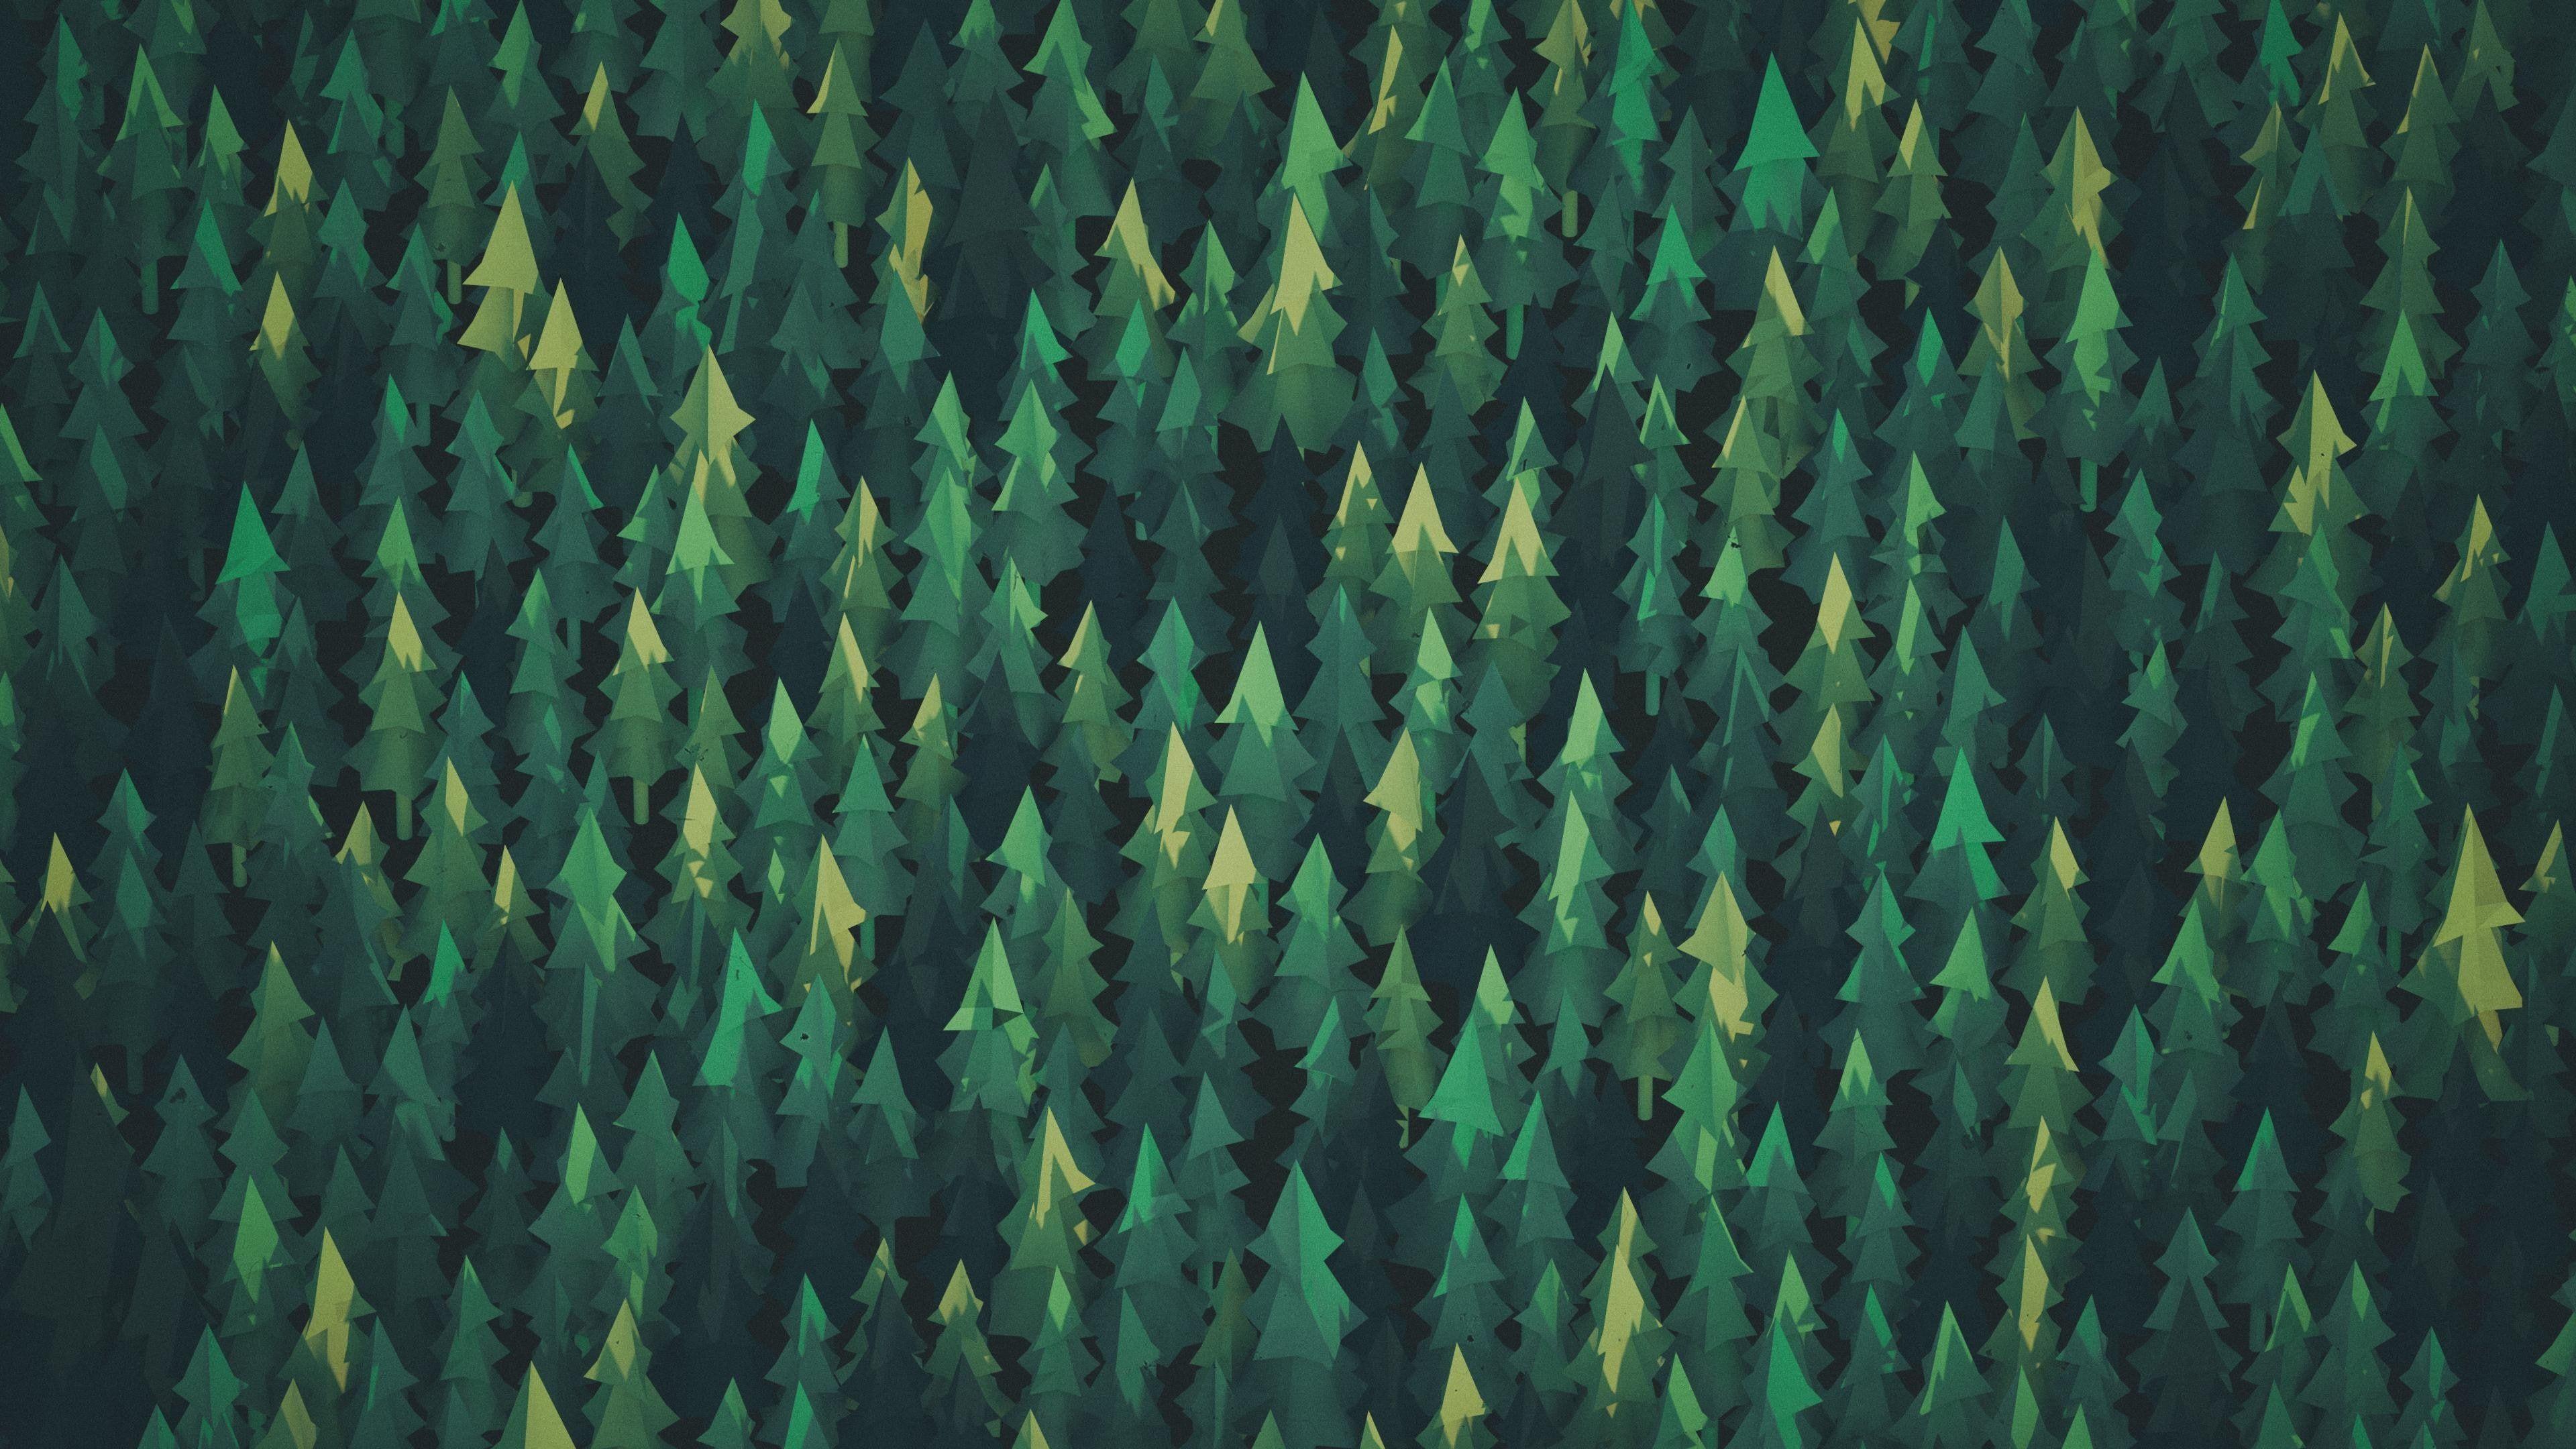 Forest Green Nature Summer 4k Wallpaper Hdwallpaper Desktop In 2020 Minimalist Wallpaper Forest Wallpaper Desktop Wallpaper